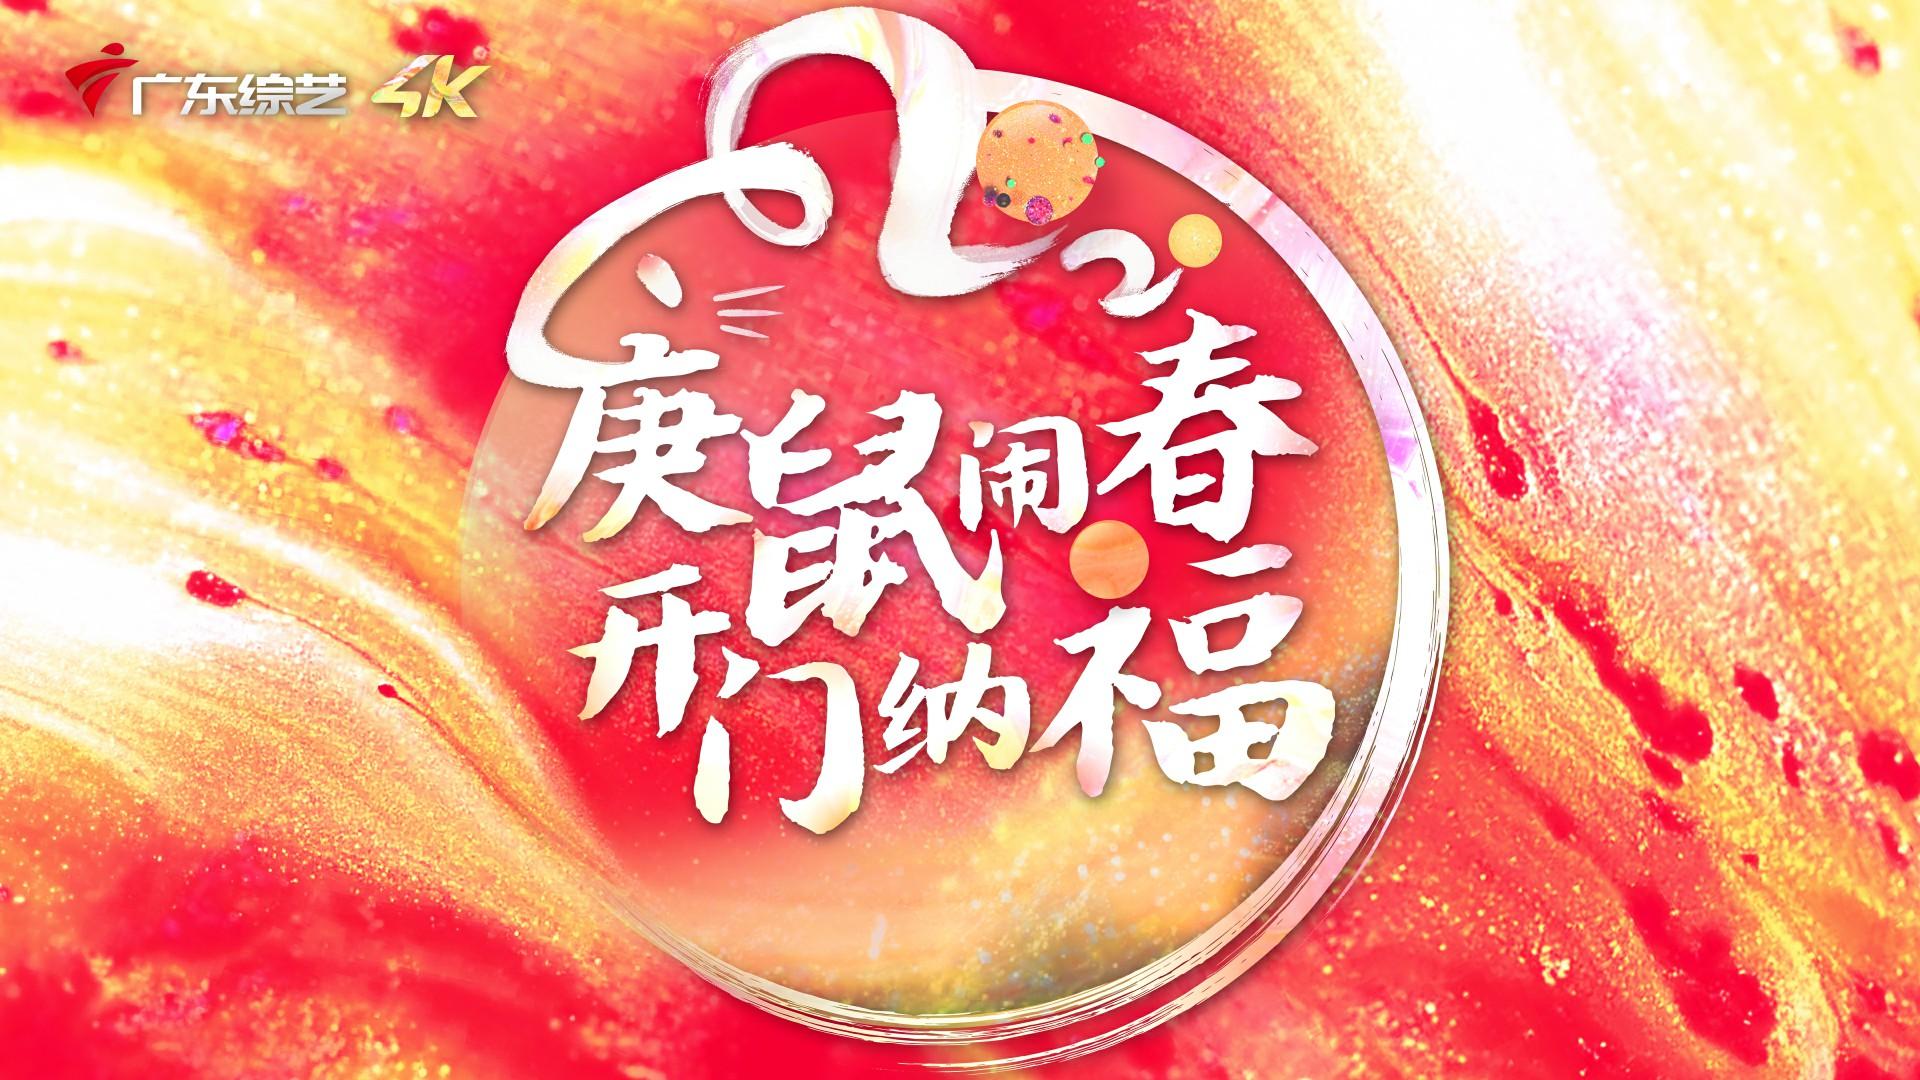 展示4K震撼视听  擦亮时尚炫酷荧屏——广东综艺4K频道春节版面亮点